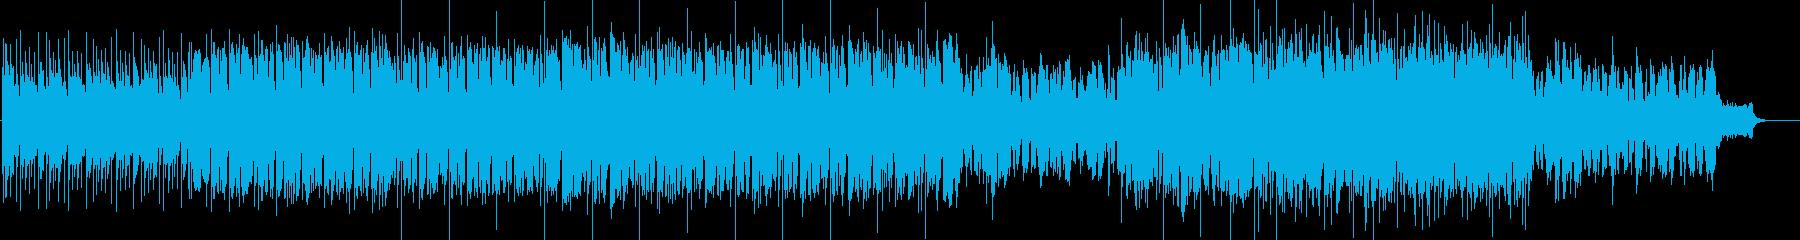 劇伴 疾走感のあるミニマルテクノの再生済みの波形